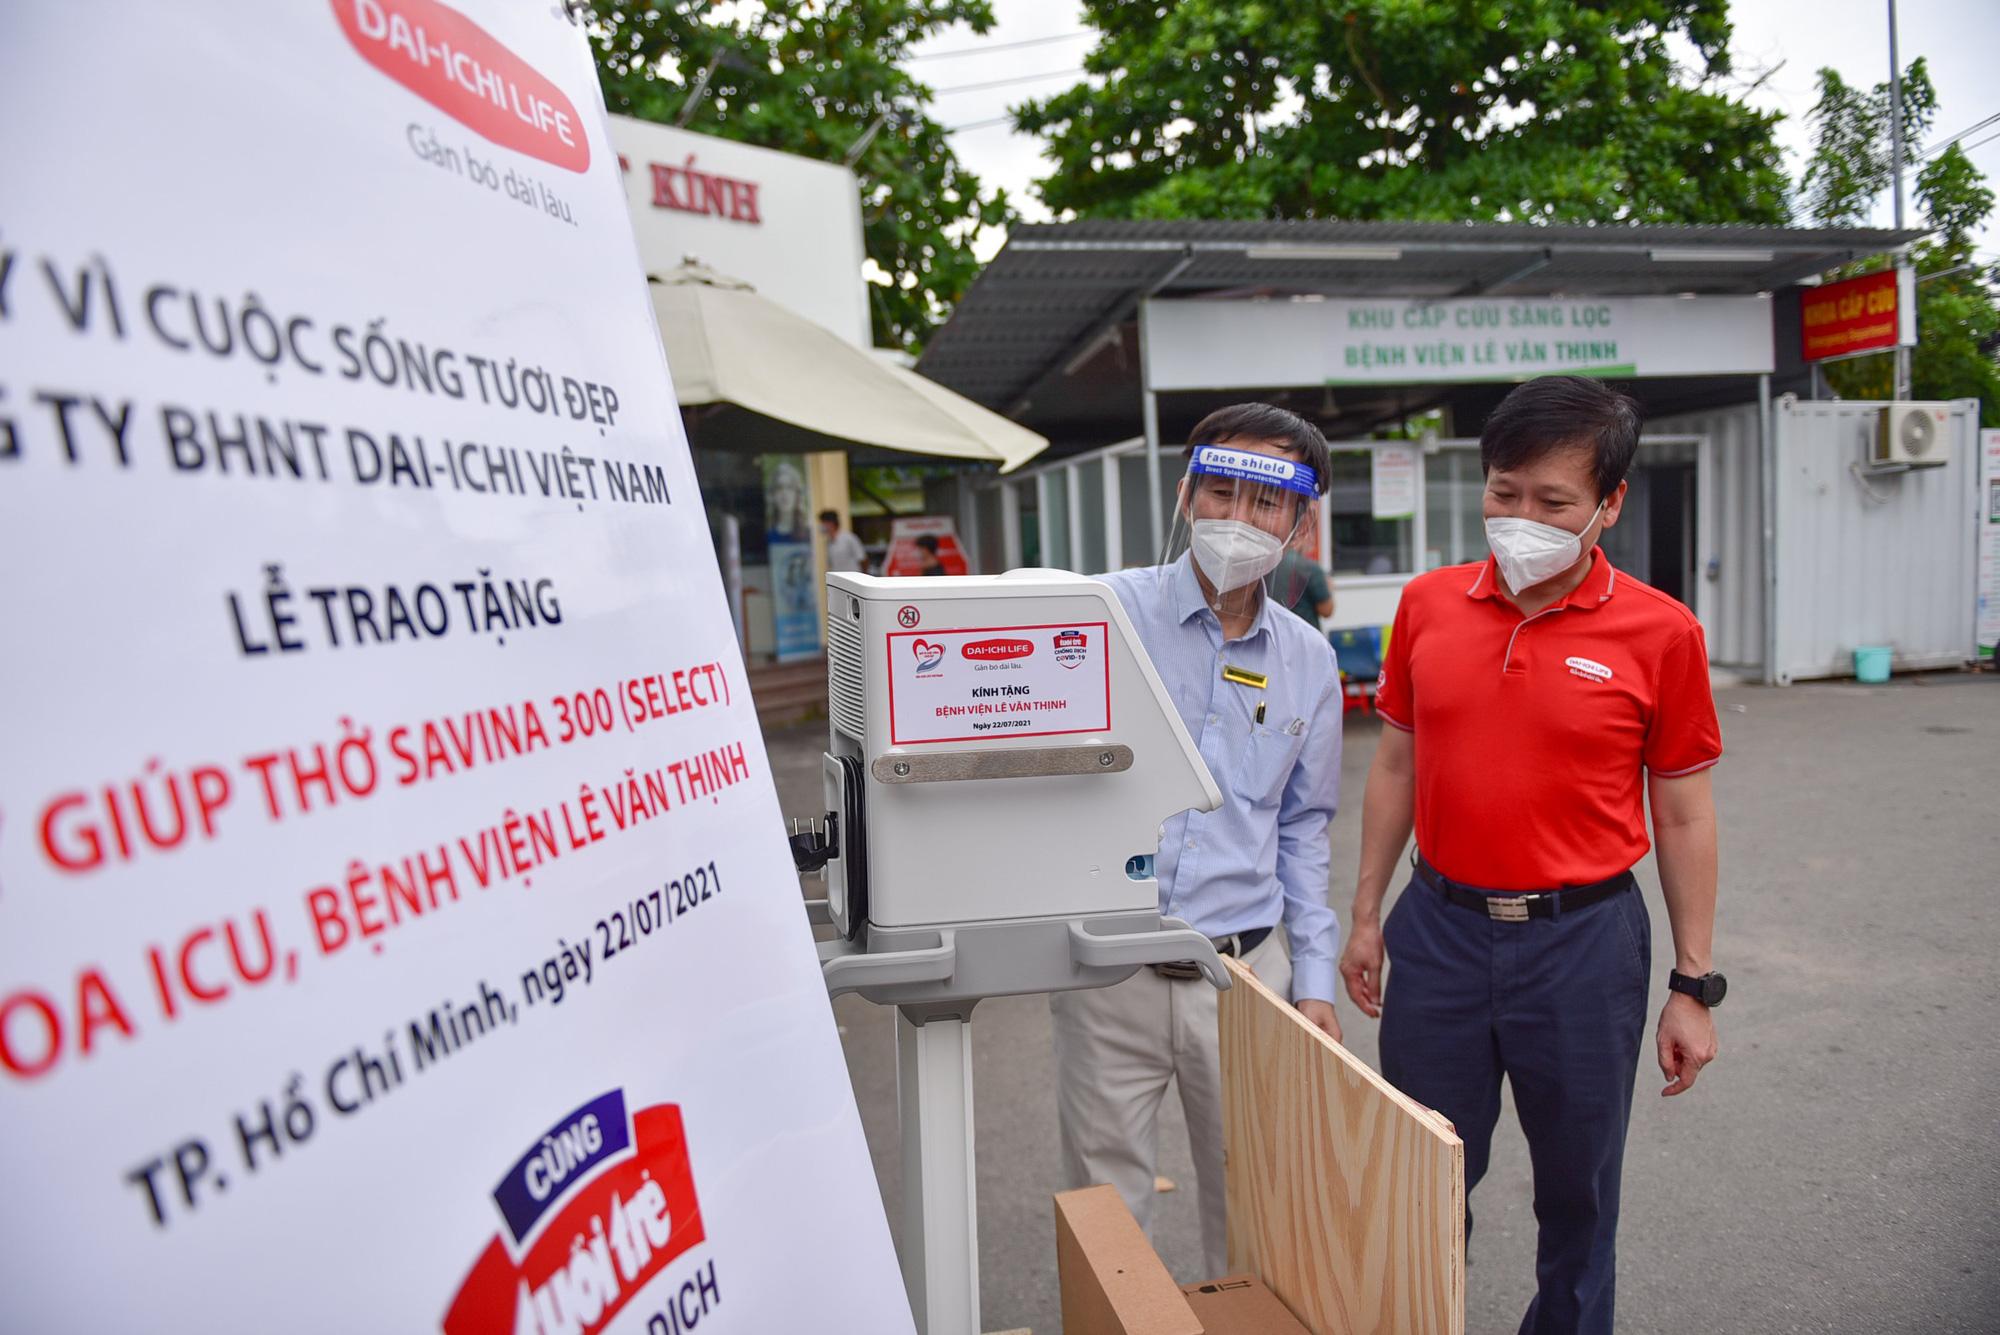 Dai-ichi Life Việt Nam trao tặng máy giúp thở đa năng Savina 300 (Select) cho Bệnh viện Lê Văn Thịnh